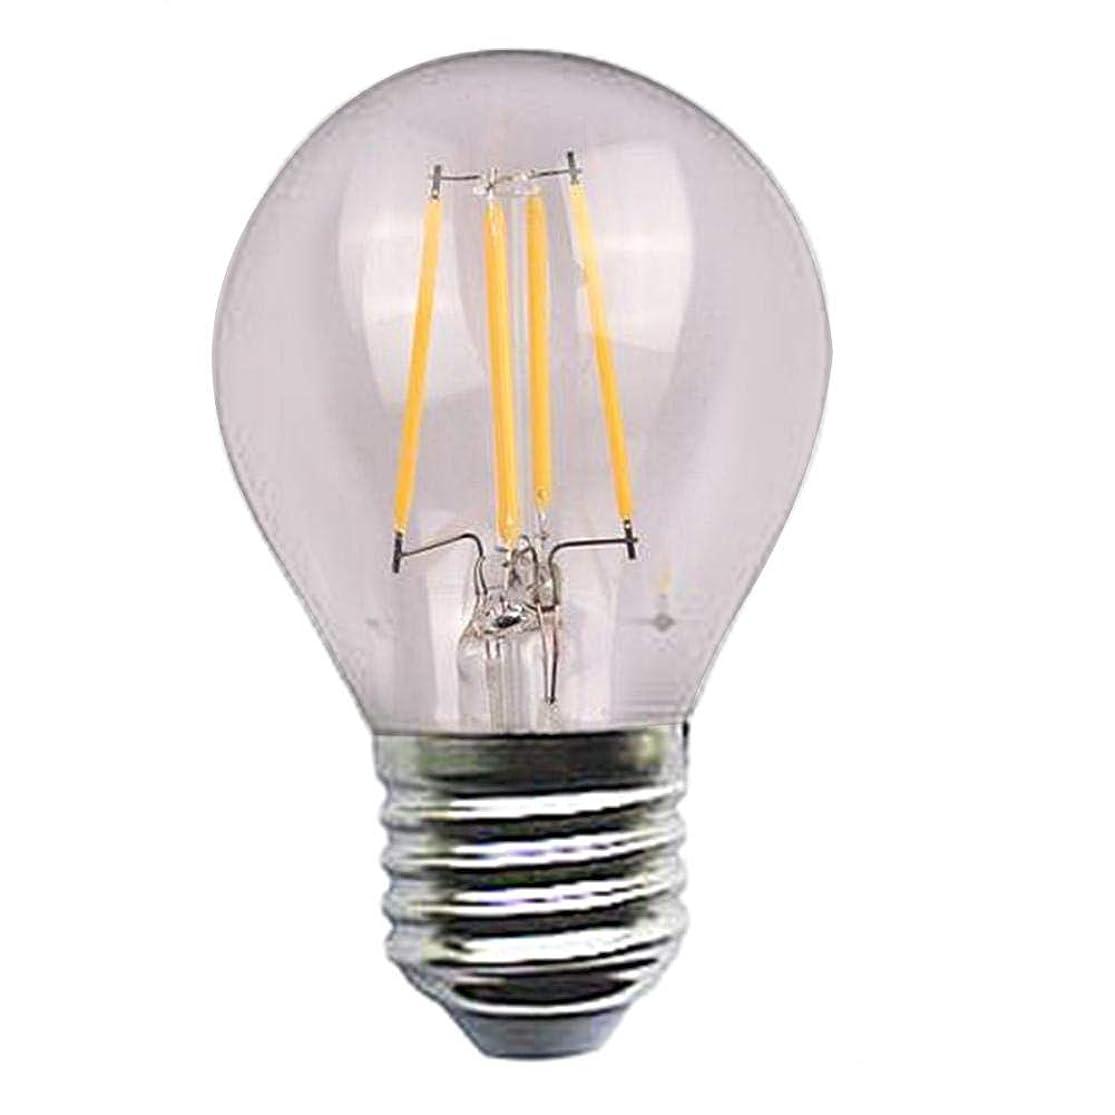 プロジェクター頭痛乳製品エジソンはフィラメントシリーズ球根4w 110-220vの銀ランプの頭部を導きました